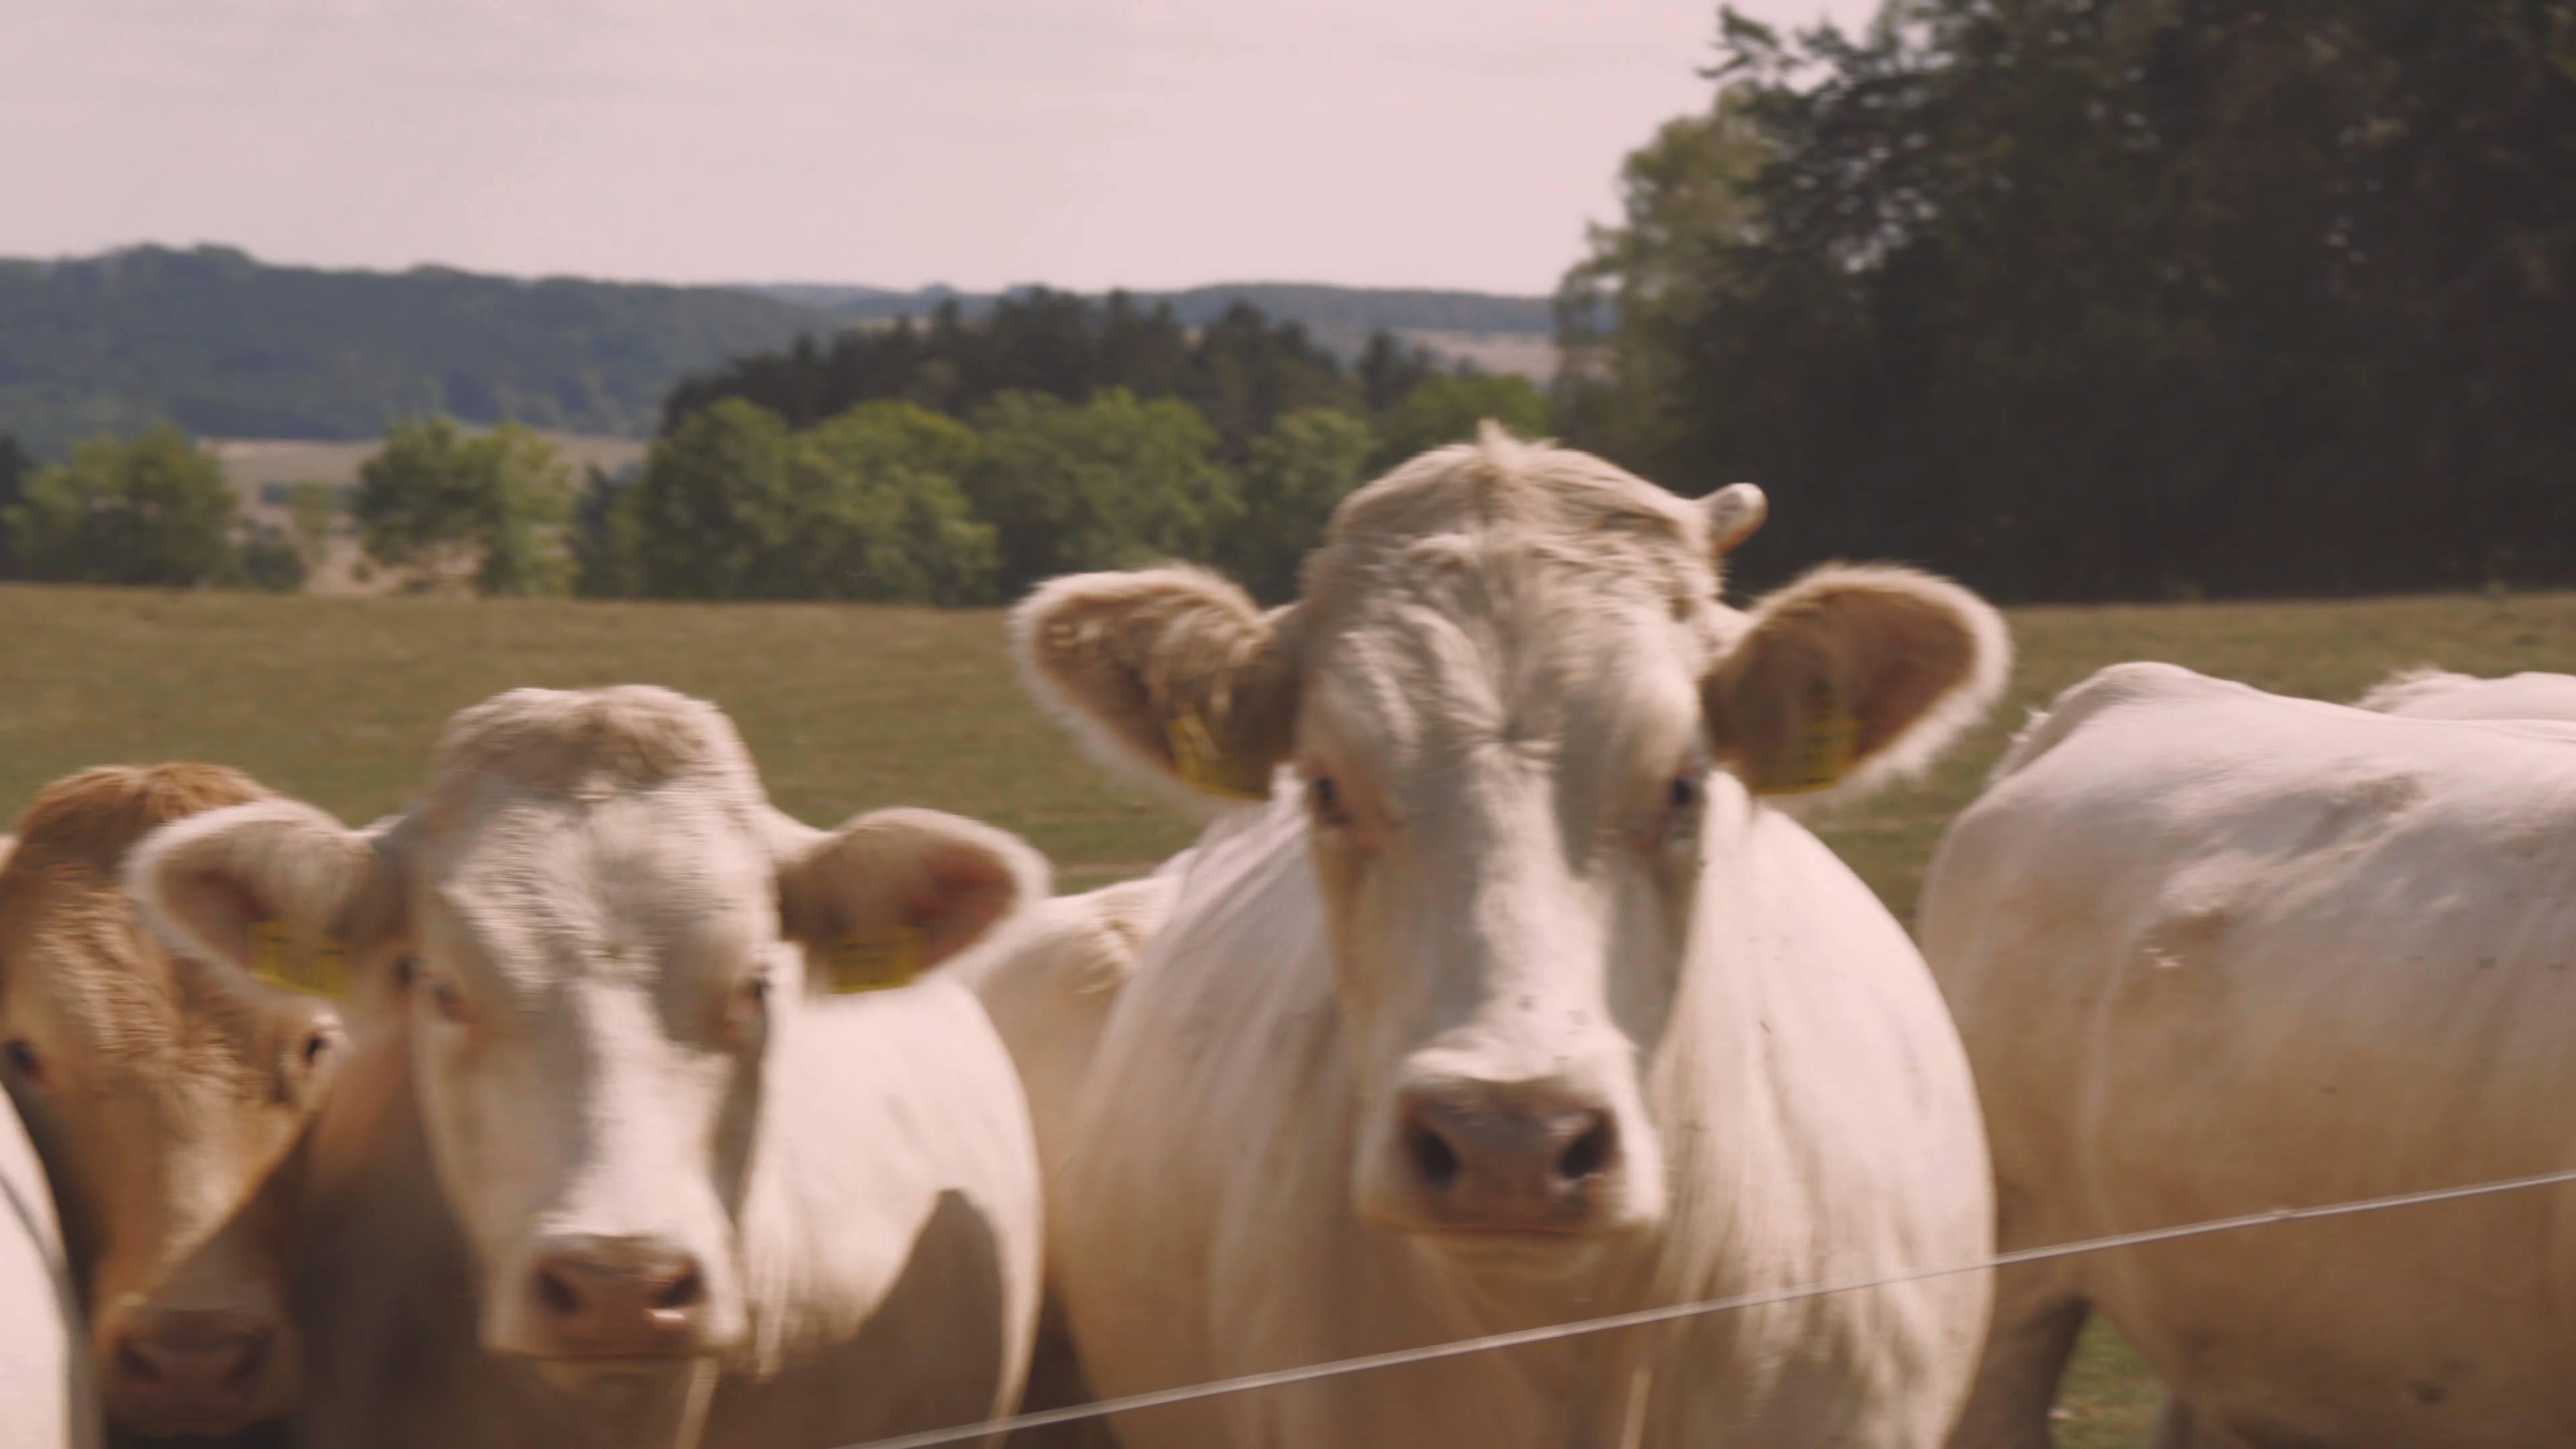 Klacky pod nohama #2: Co zemědělcům znepříjemňuje život